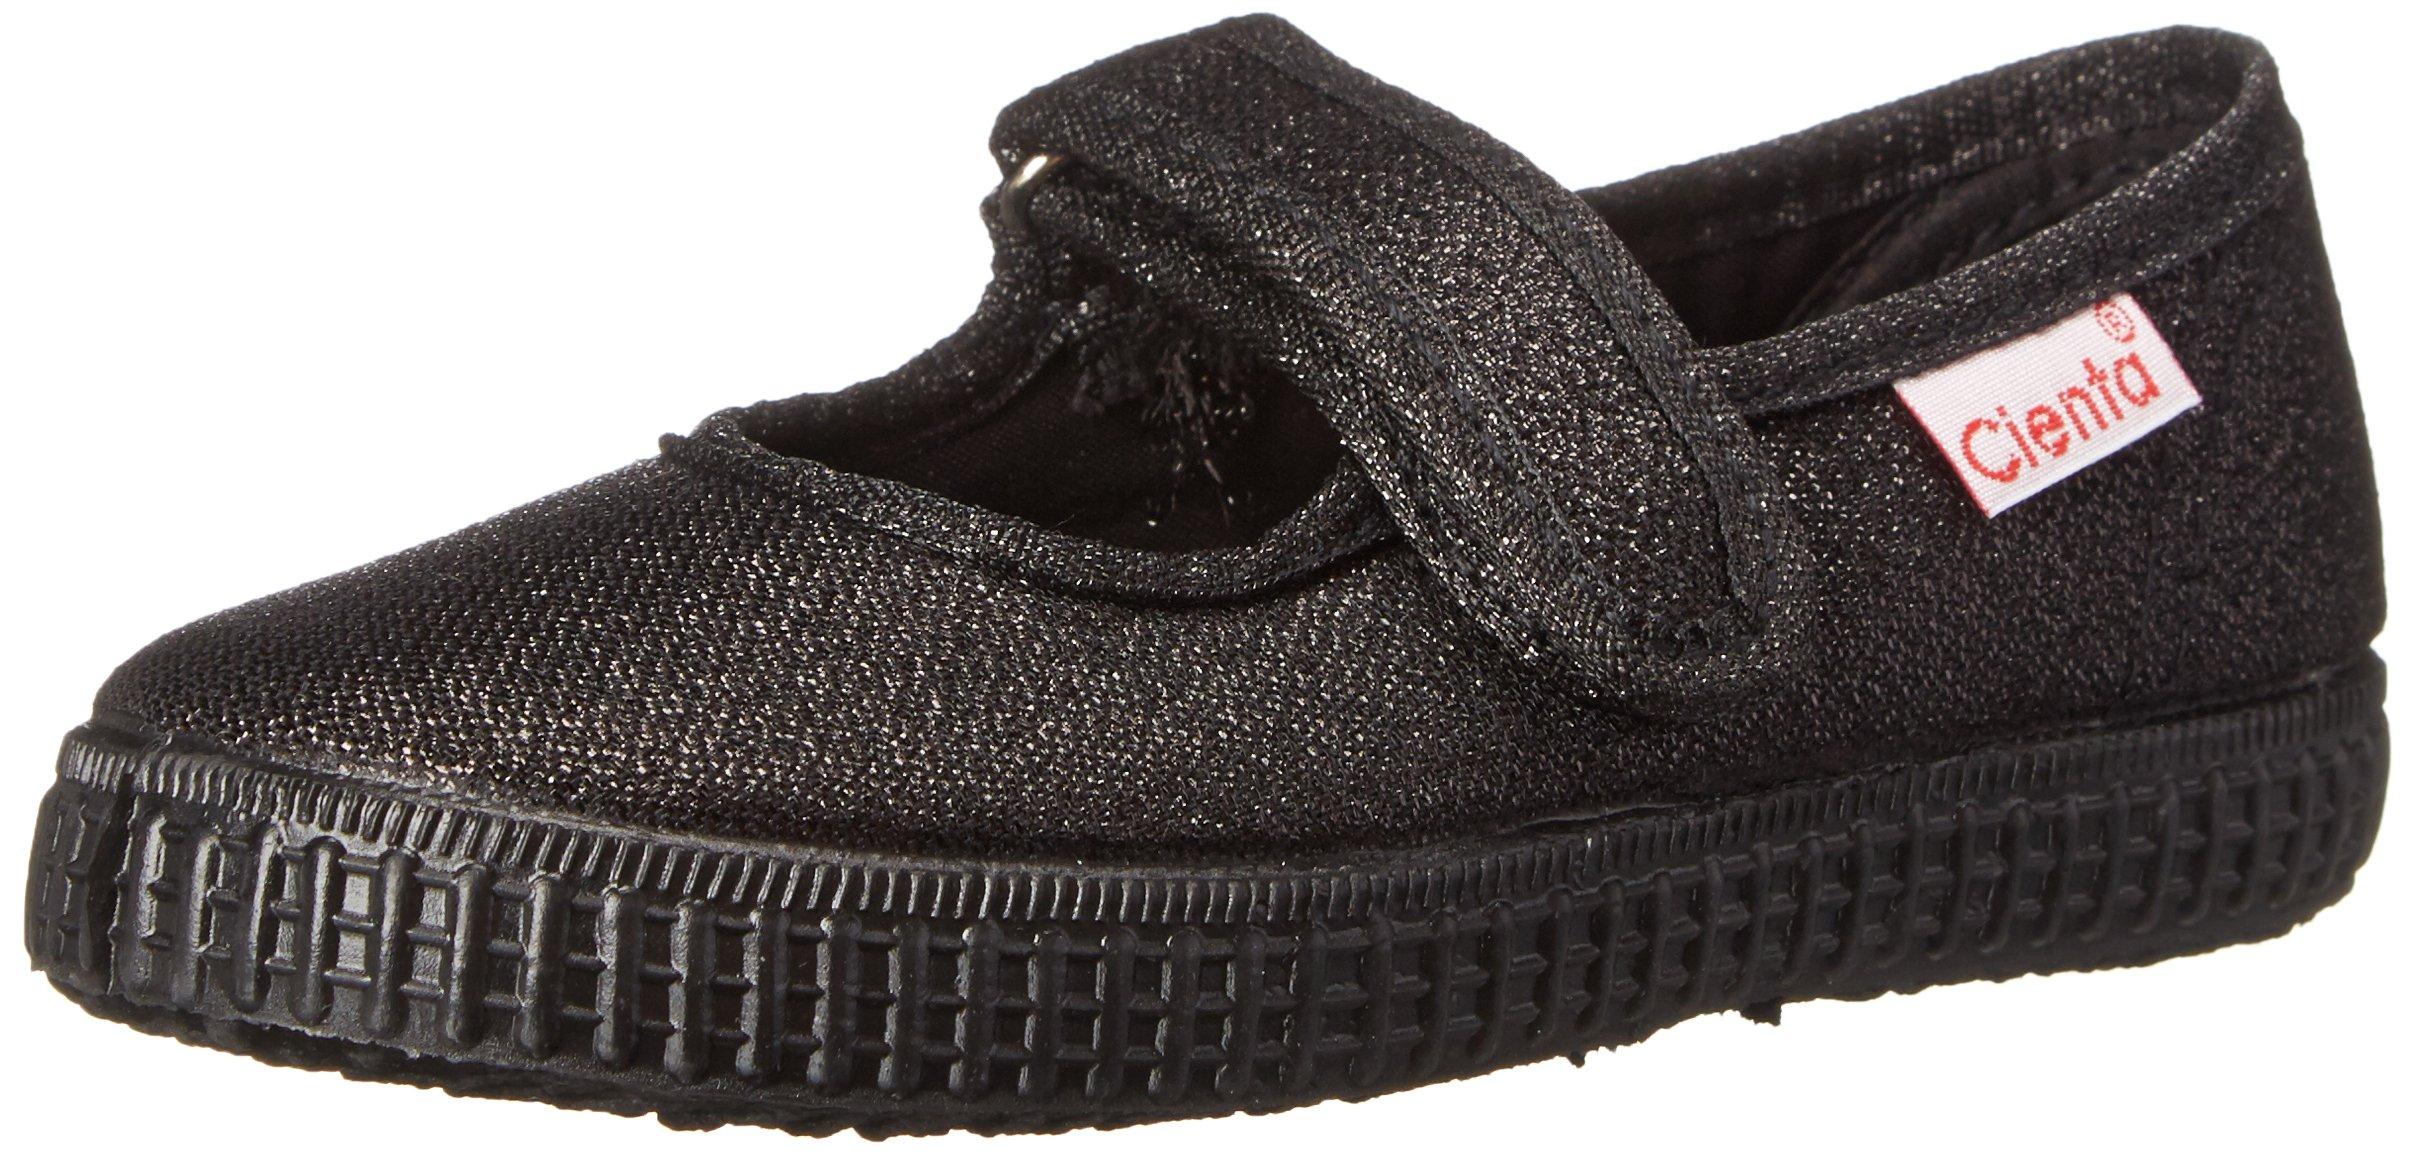 Cienta 56113.01 Mary Jane, black, 32 EU(1.5 M US Little Kid)